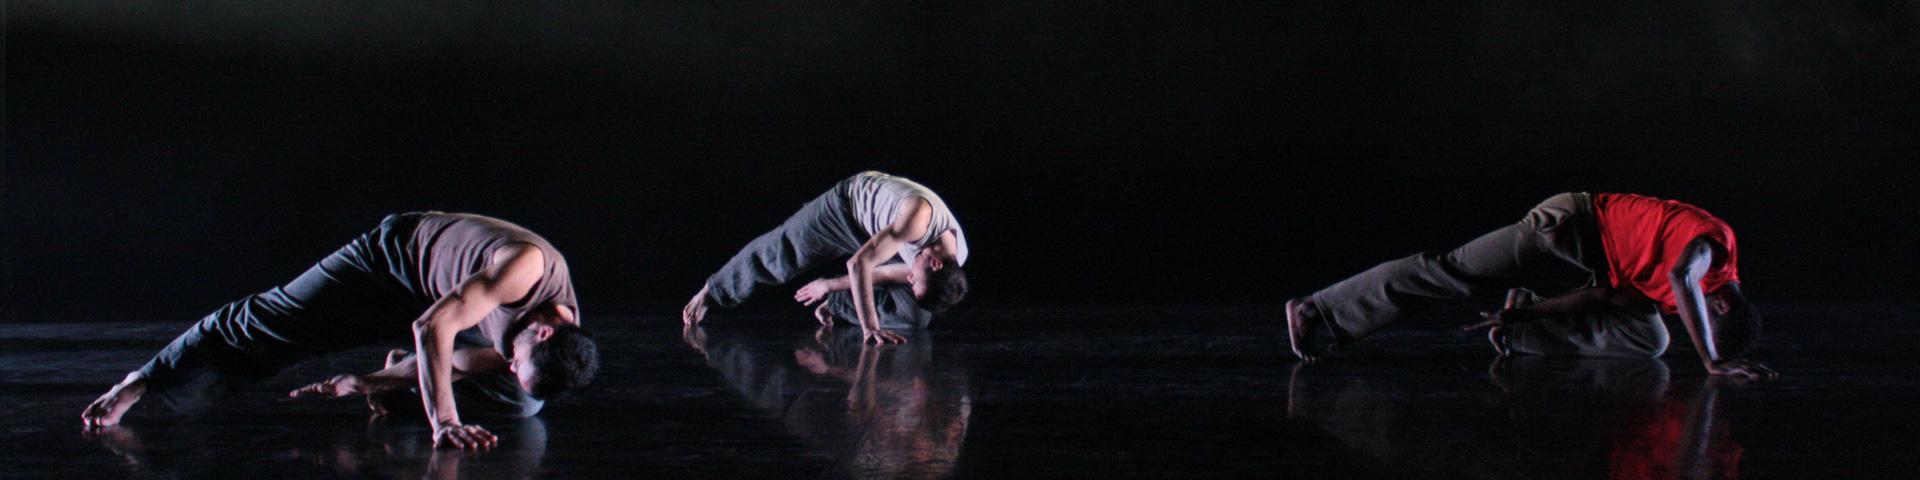 Korfa, l'odyssée / Cie Alban dans la Boîte